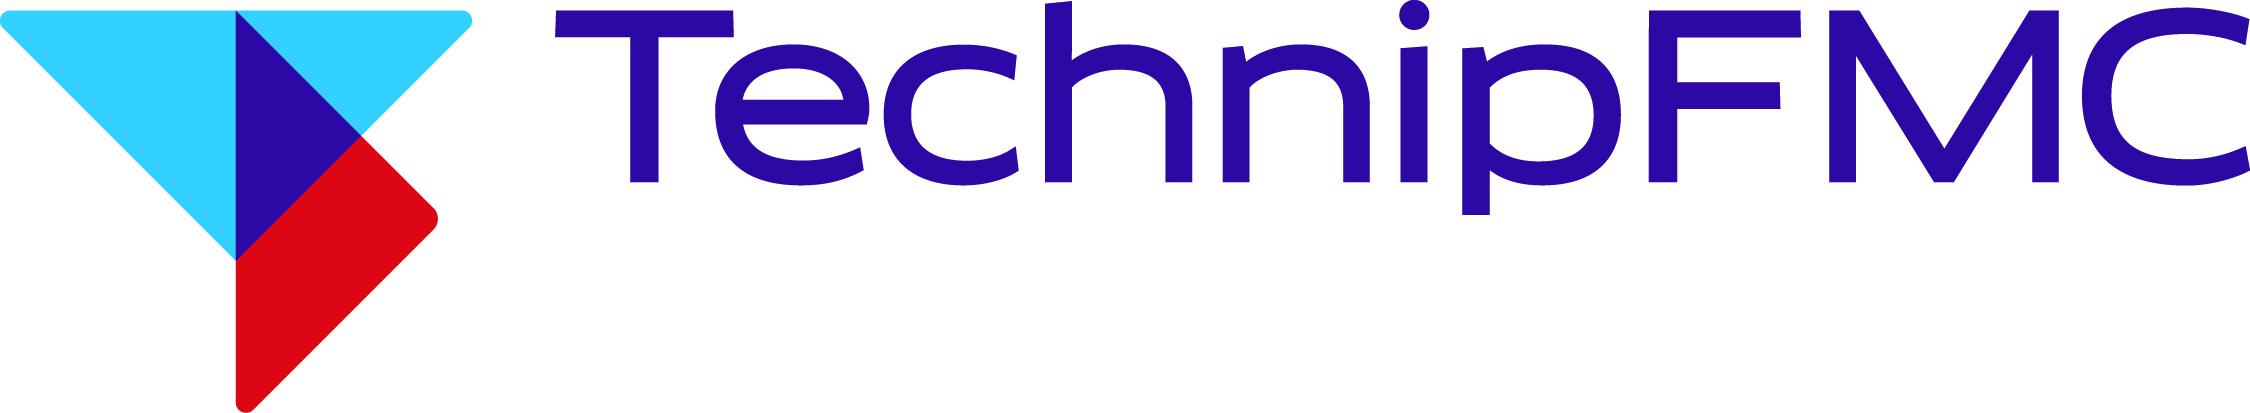 TechnipFMC_3_Spot